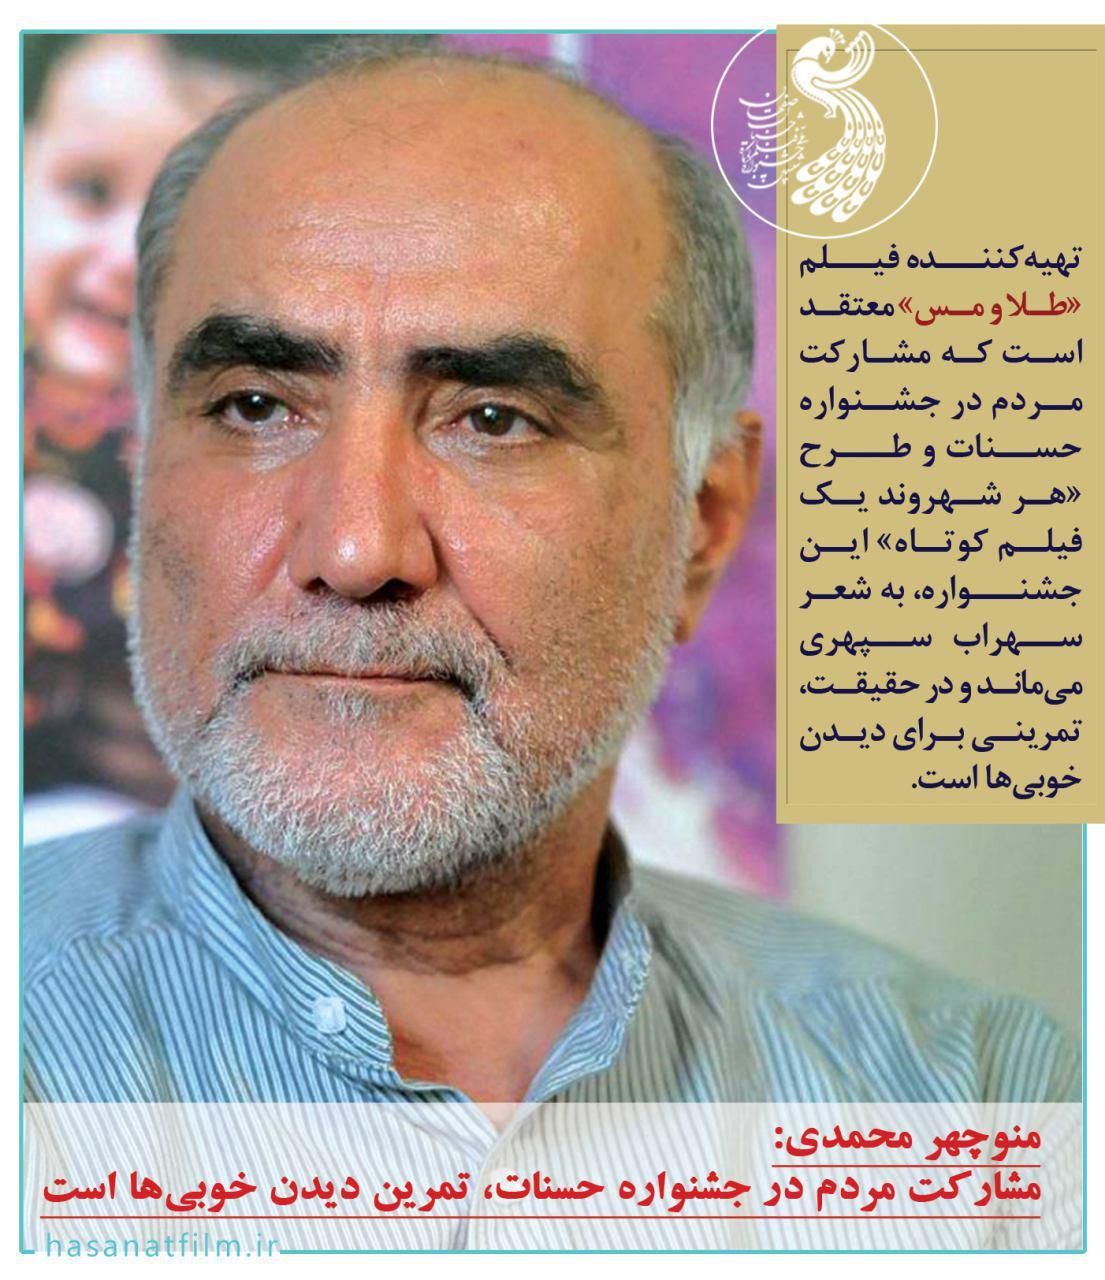 منوچهر محمدی: مشارکت مردم در جشنواره حسنات تمرین دیدن خوبیها است